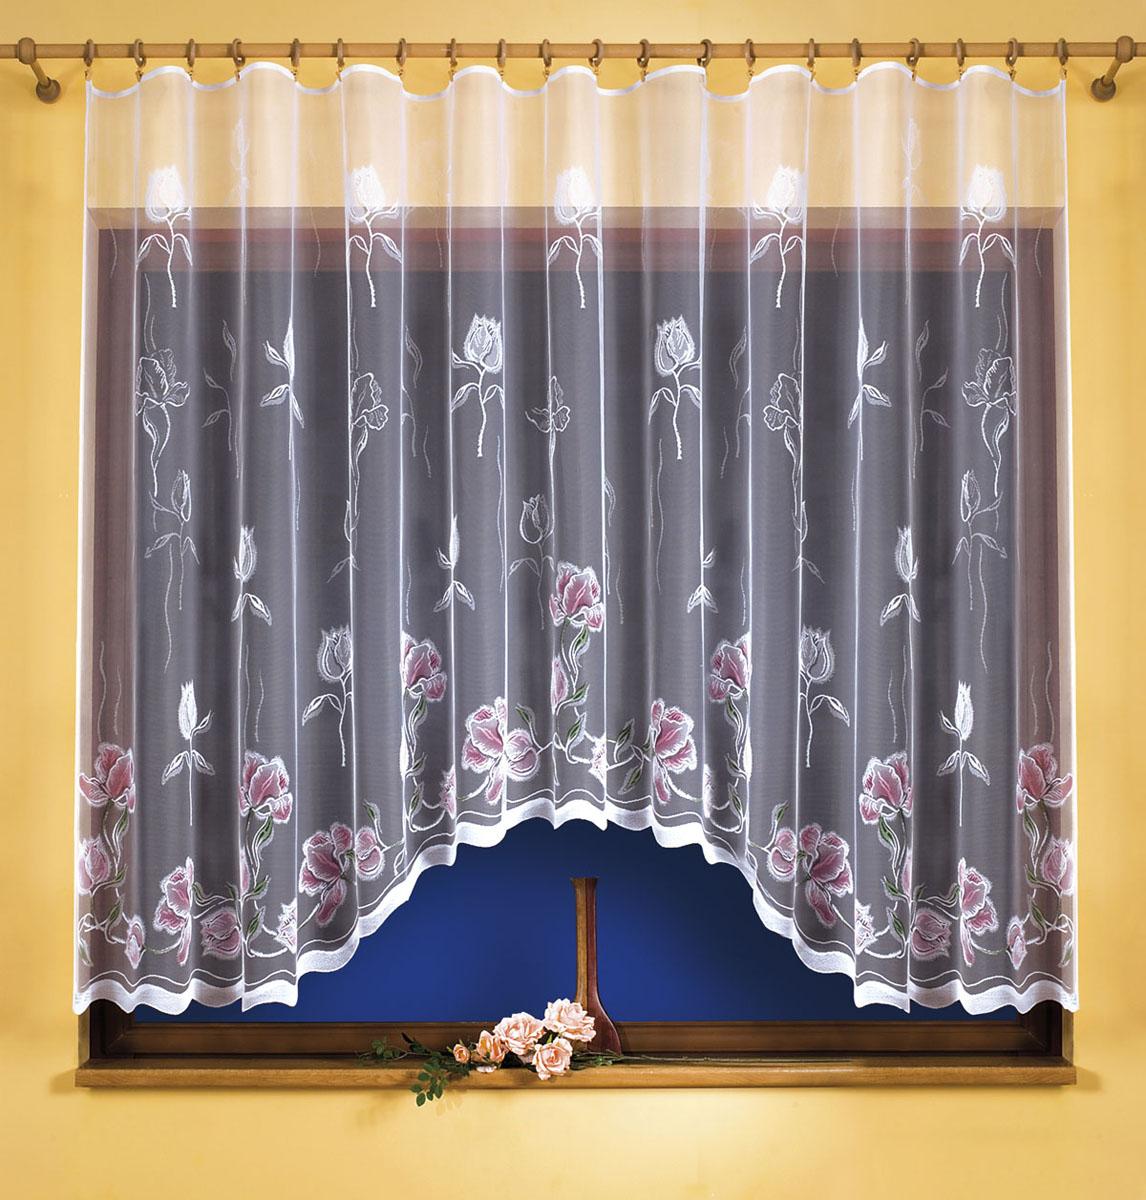 Гардина Wisan, цвет: белый, ширина 350 см, высота 180 см. 95339533вид крепления - под зажимы для штор Размеры: 350*180